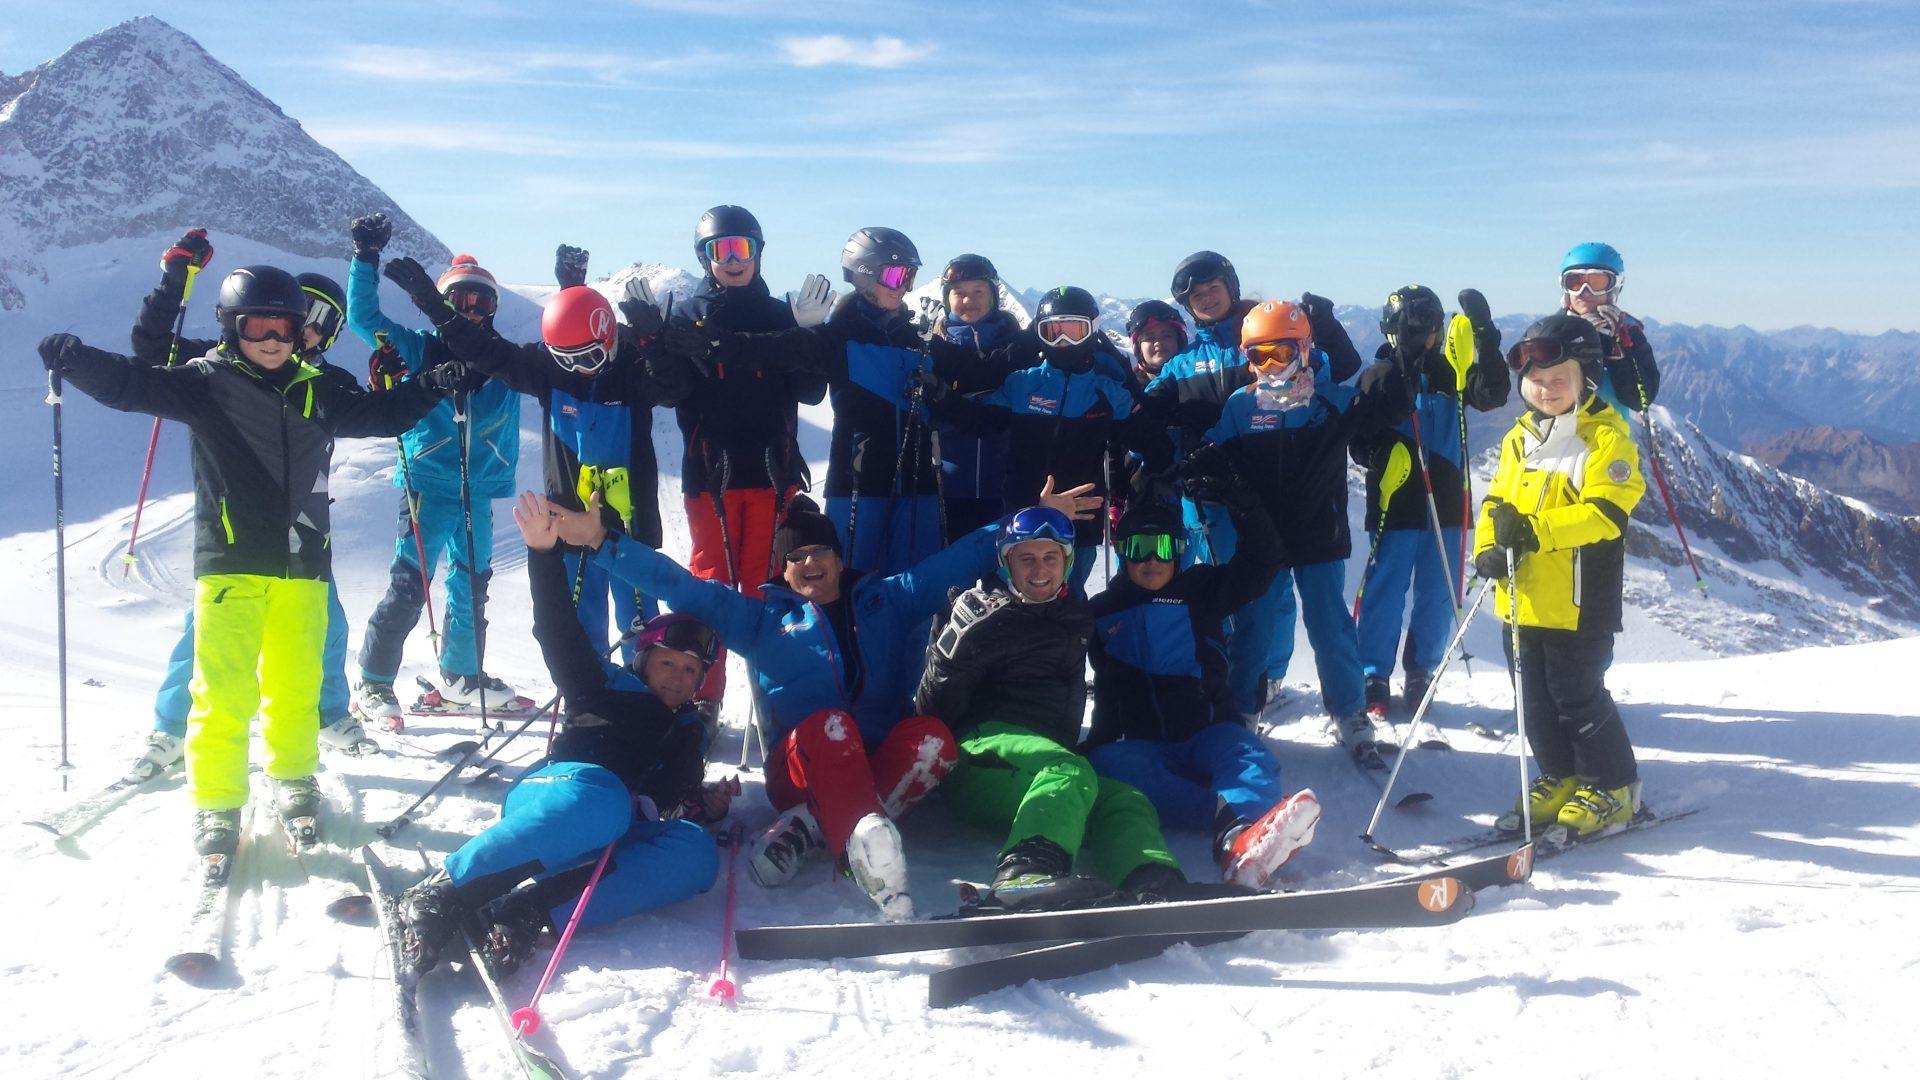 Racing Team: Saisonstart Am Hintertuxer Gletscher